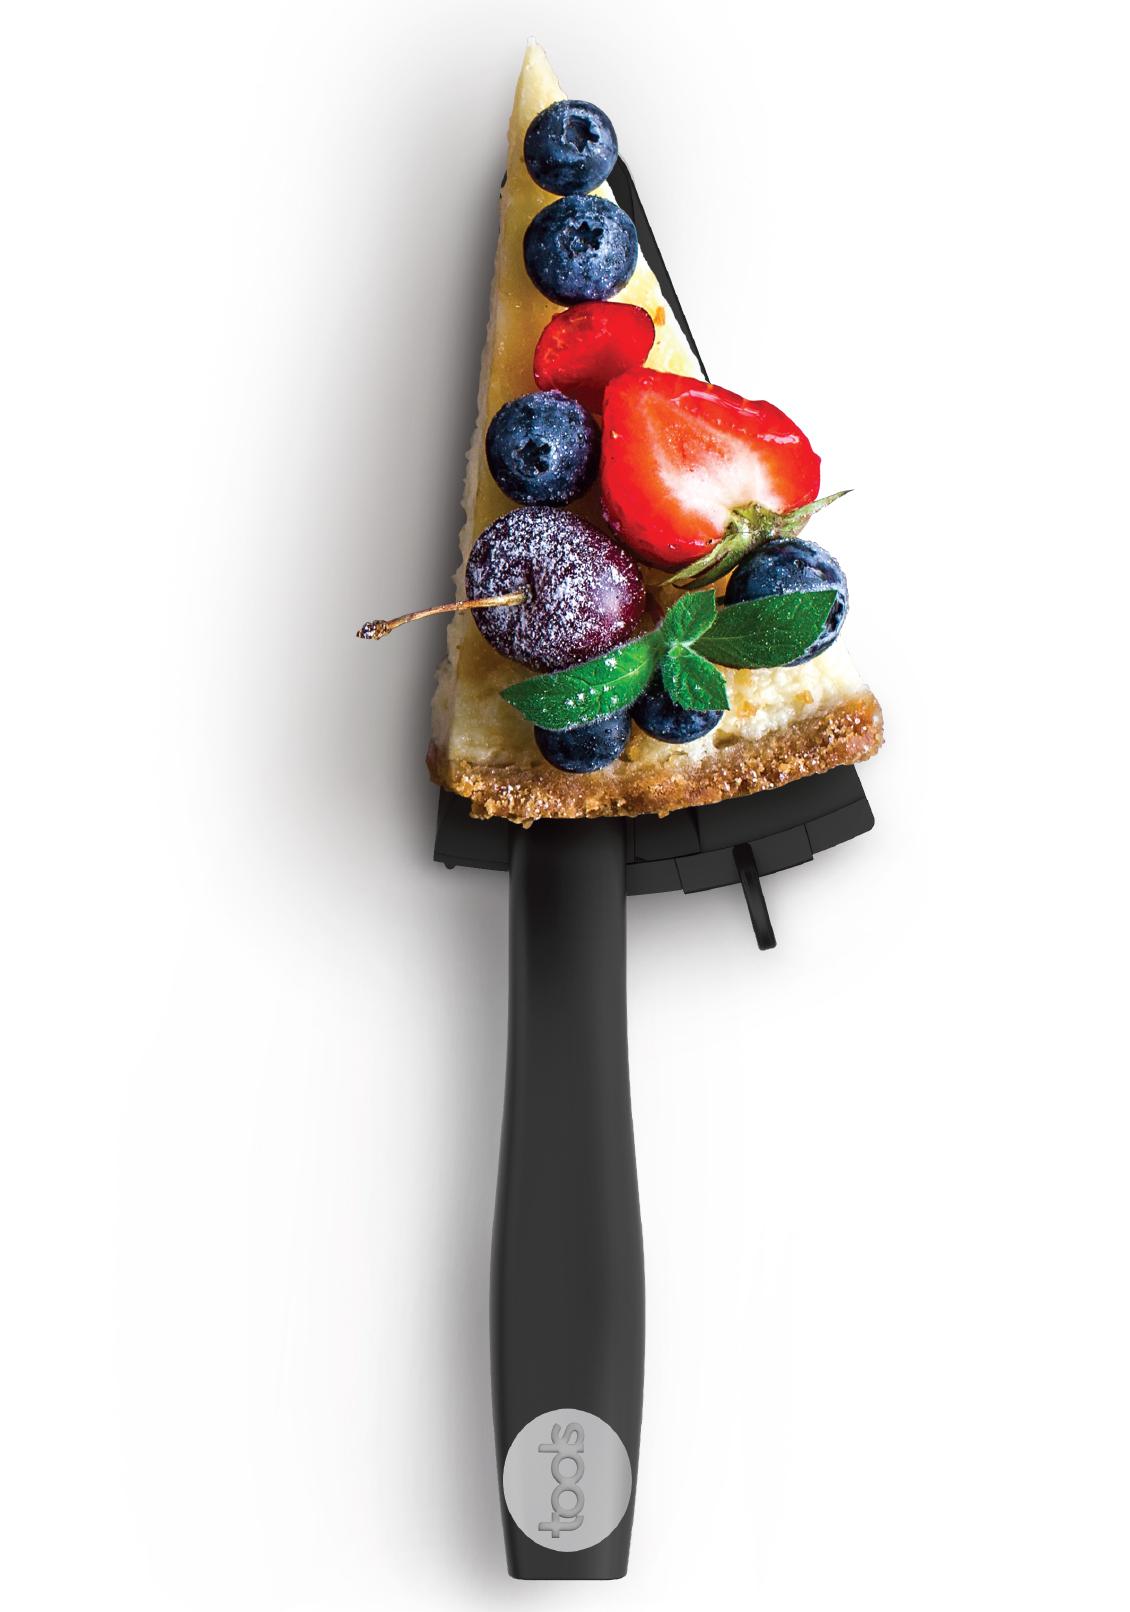 FLEXCAKE - • Résistance à la chaleur 220°C / 420°F• Se positionne vers la droite ou la gauche• Bord dentelé pour découper votre tarte• Facilement démontable500307 FLEXCAKEPelle à tarte extensible